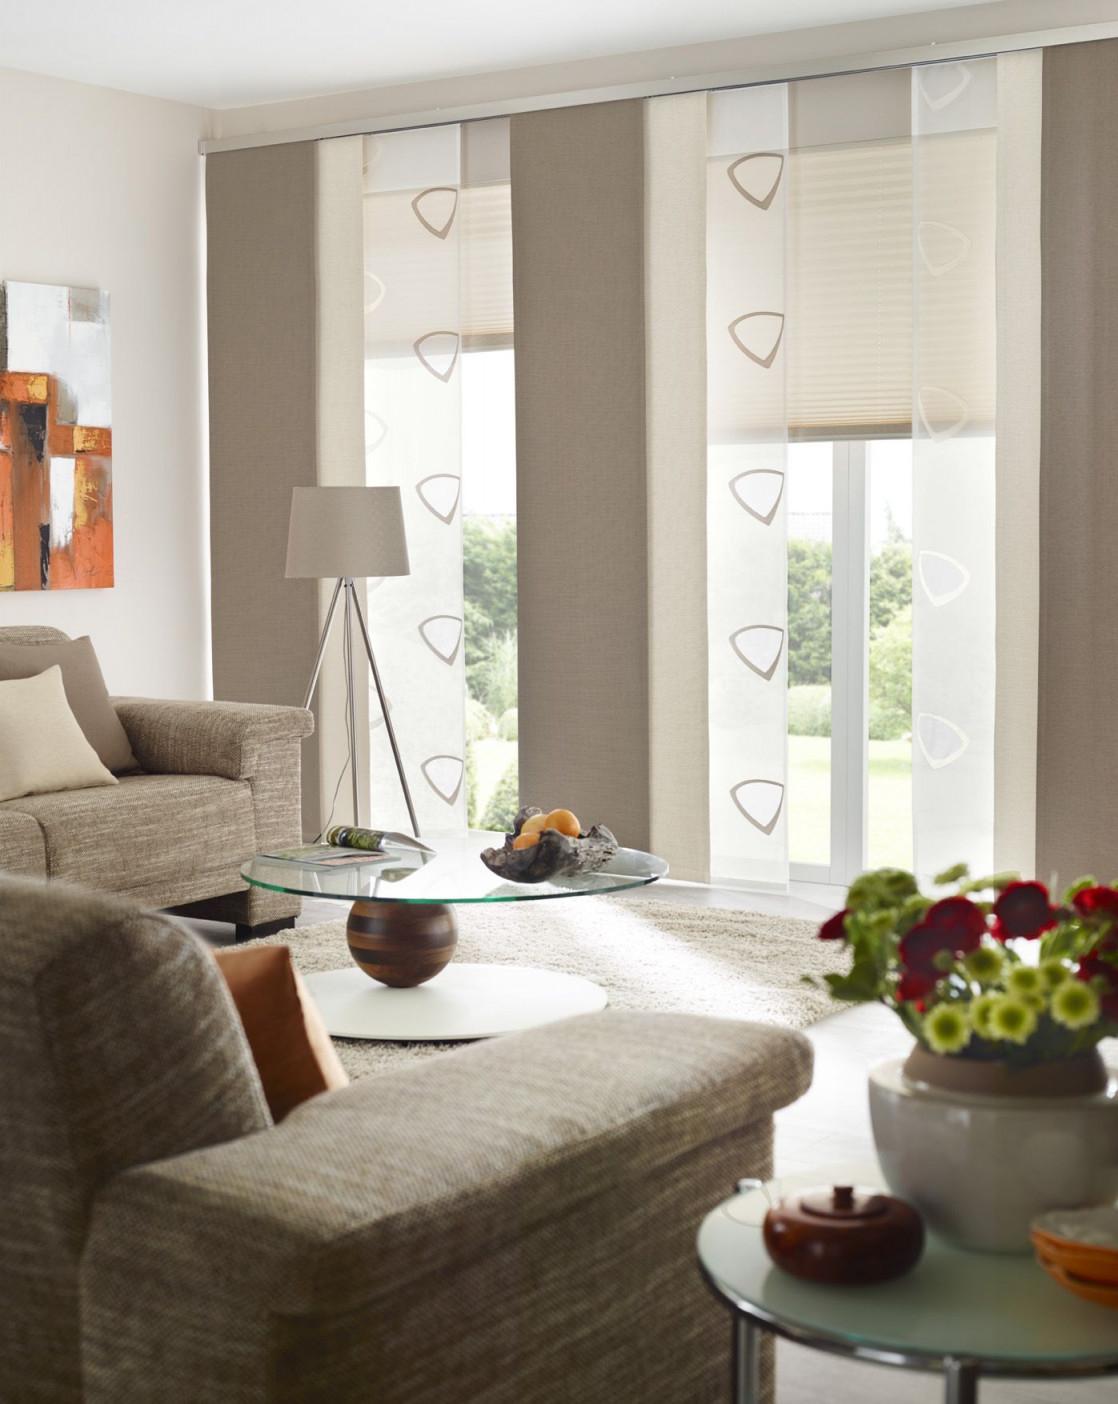 Fenster Urbansteel Gardinen Dekostoffe Vorhang von Gardinen Dekorationsvorschläge Wohnzimmer Modern Bild